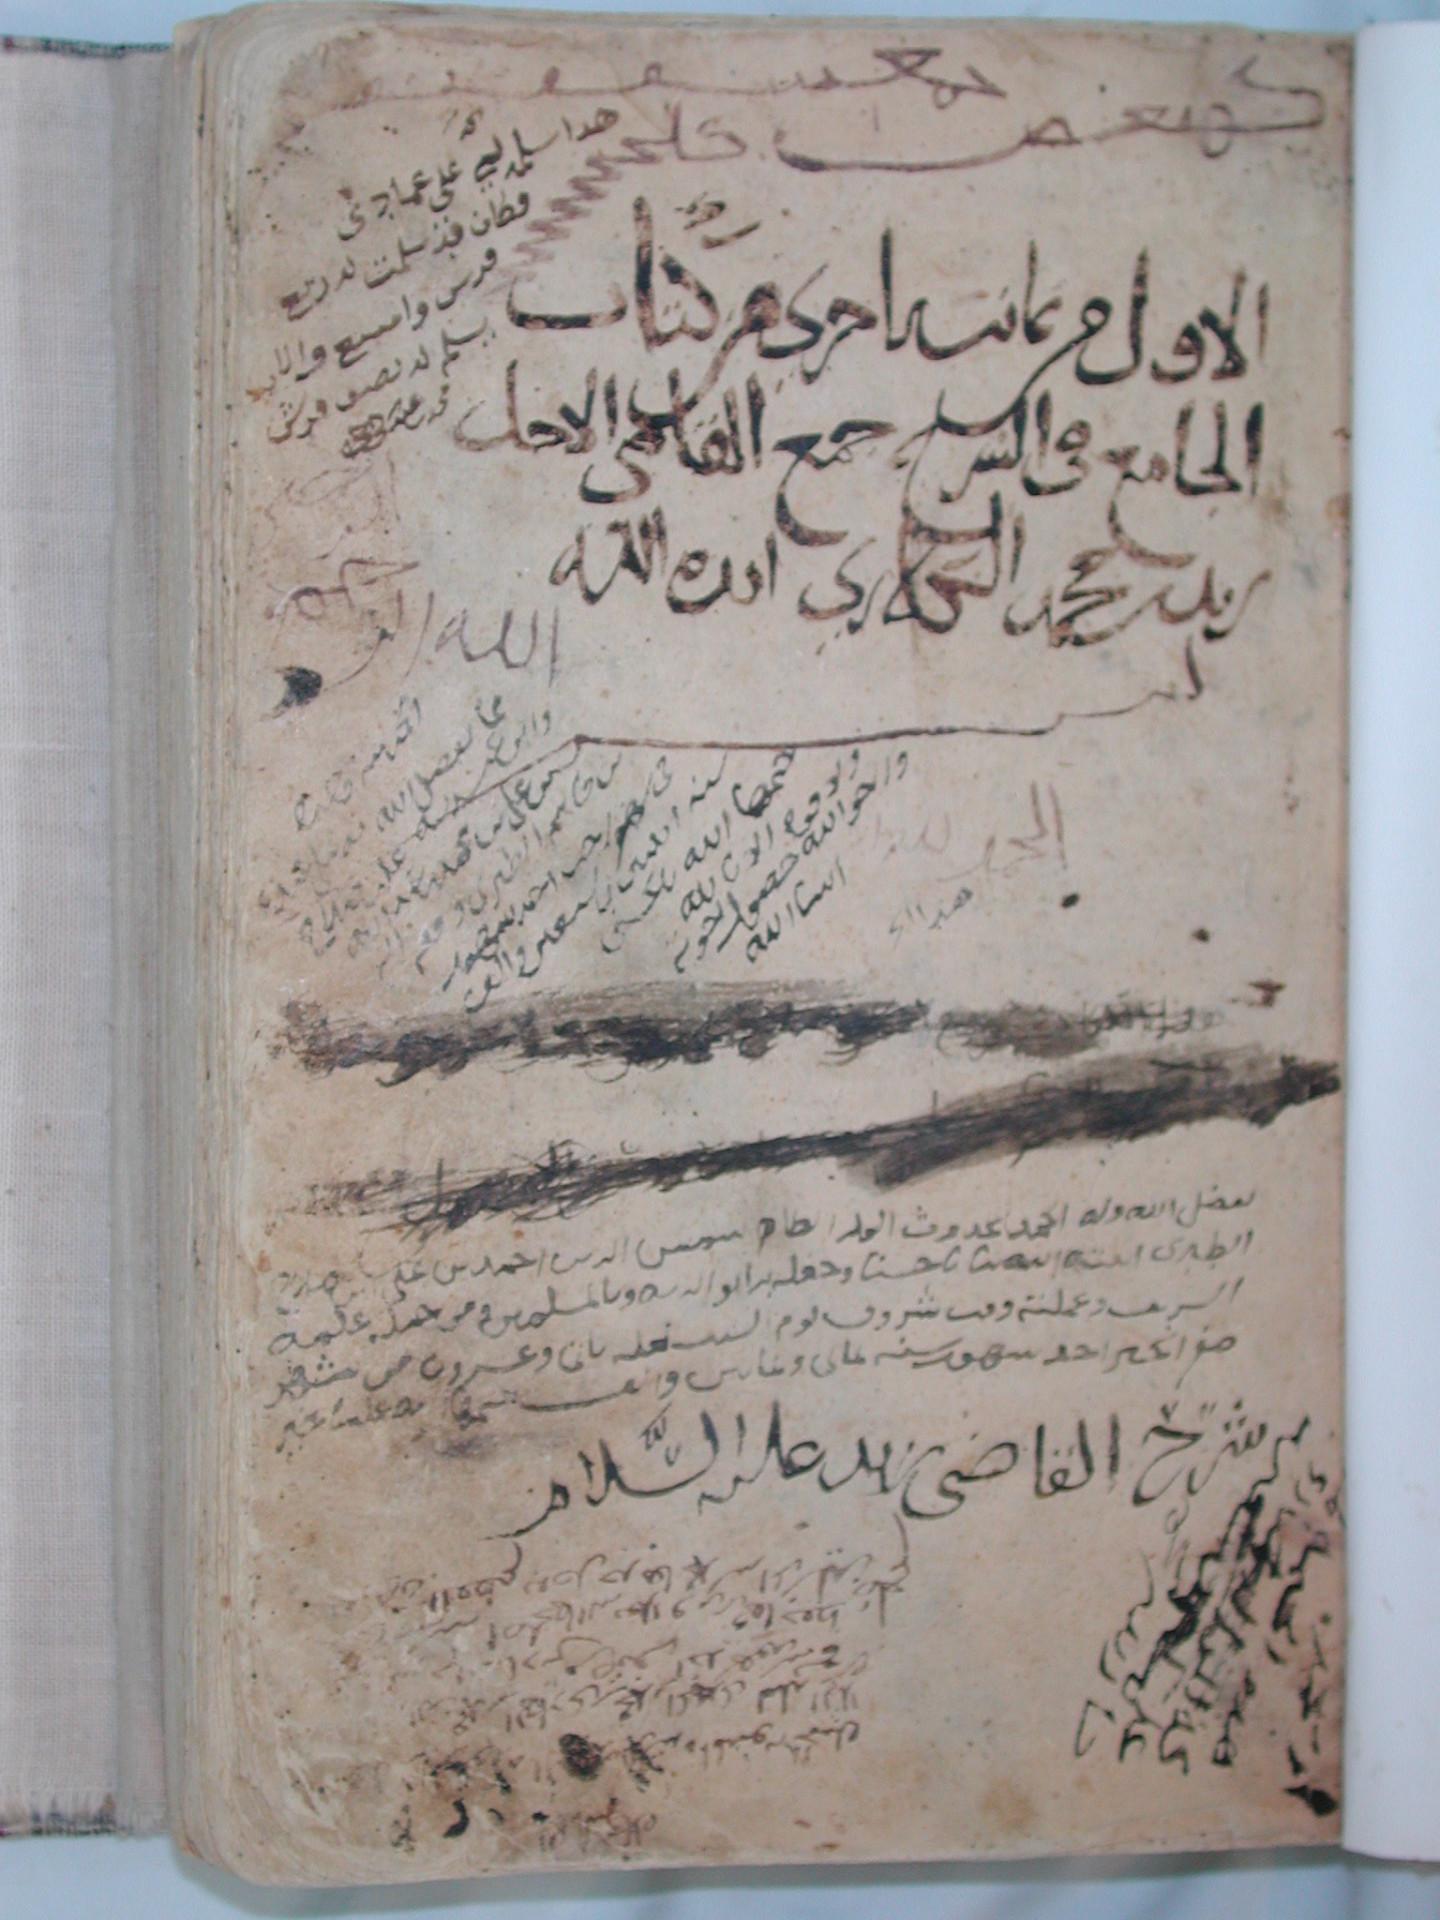 ج1 من الجامع في الشرح